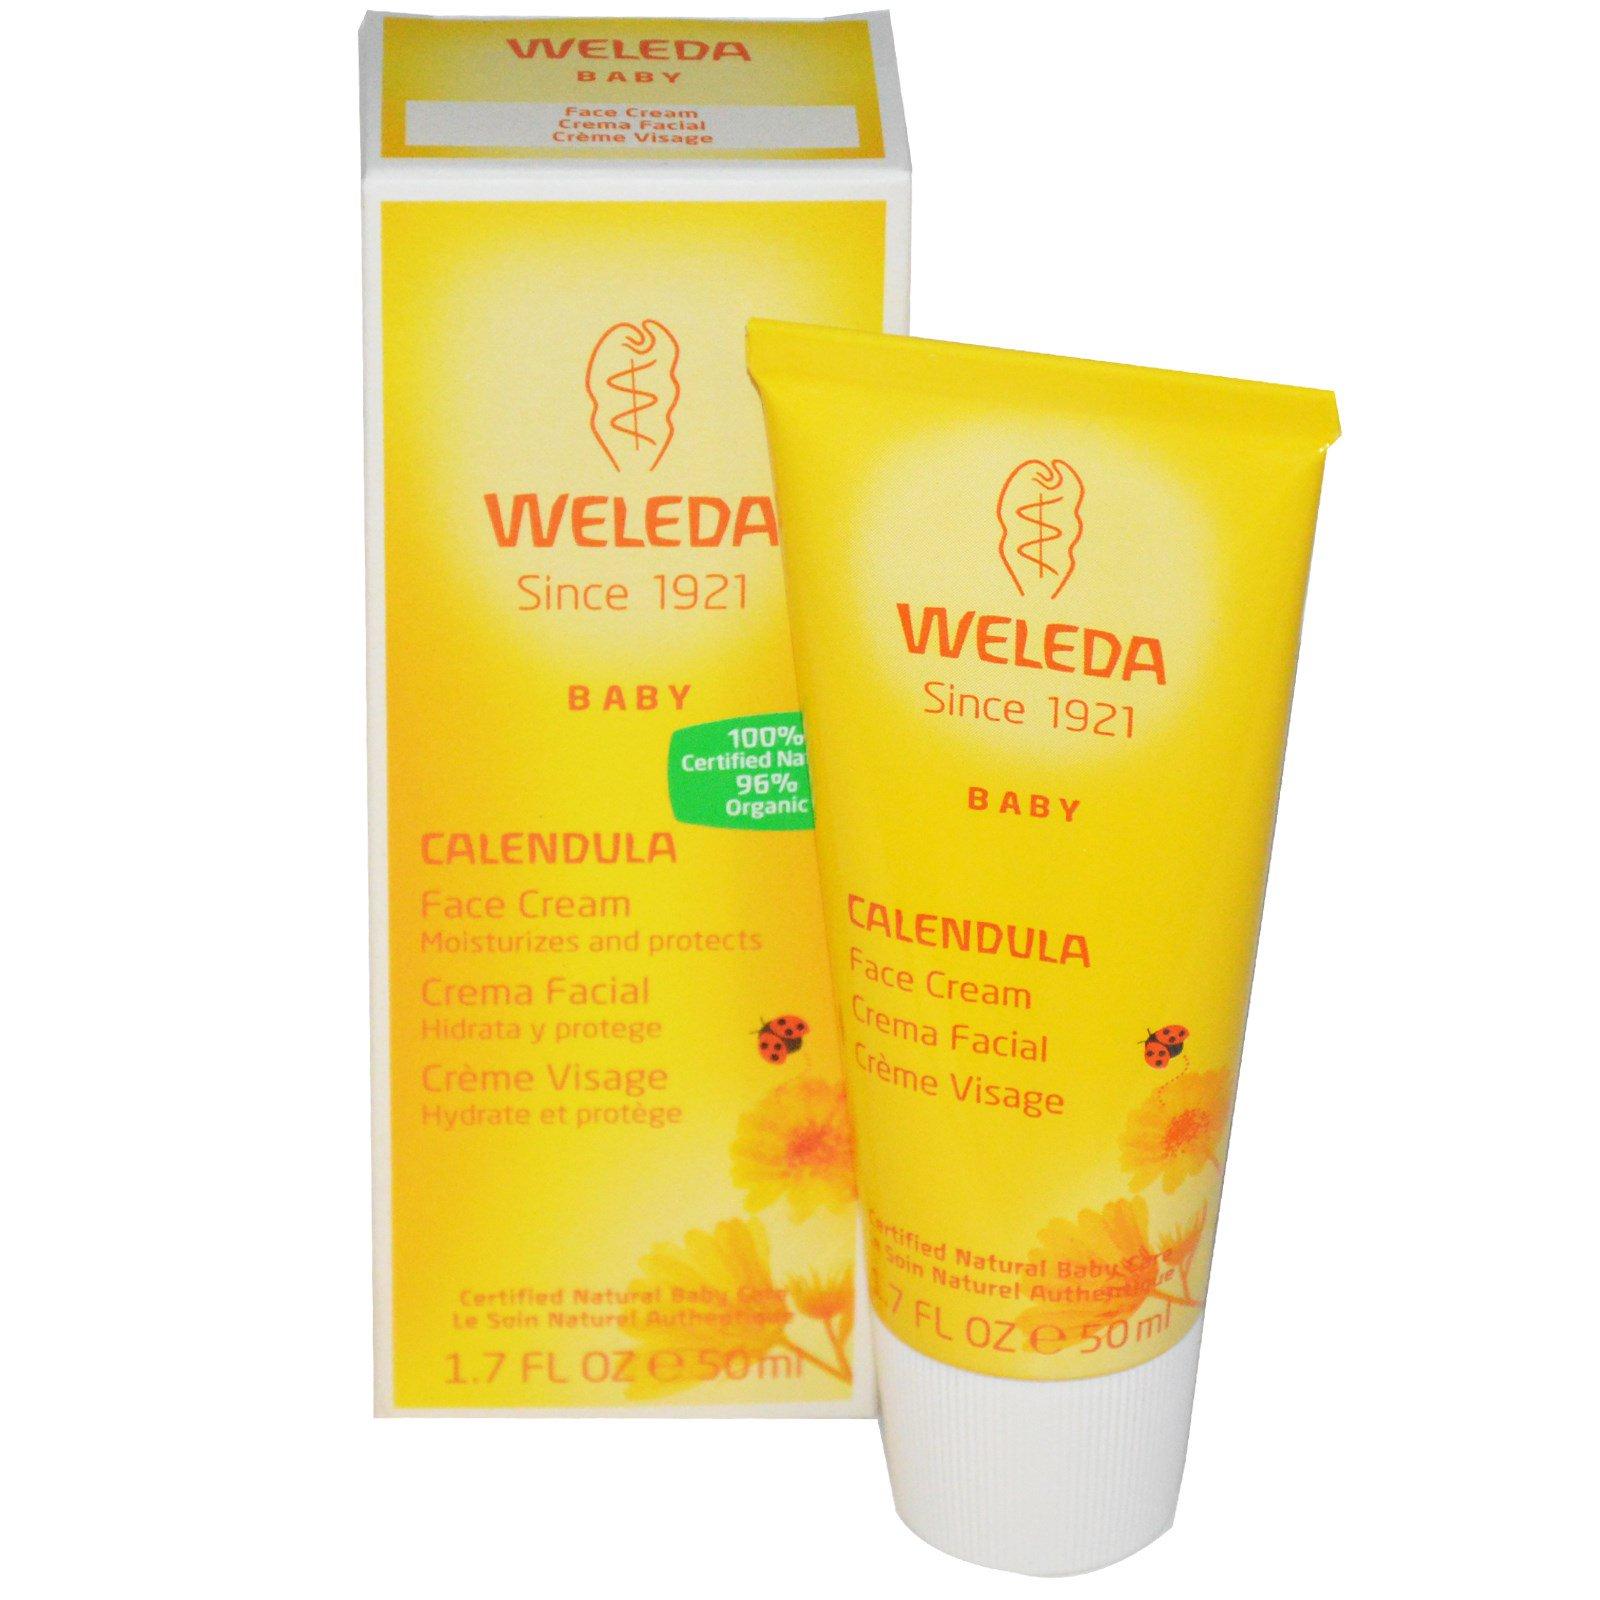 weleda calendula face cream acne